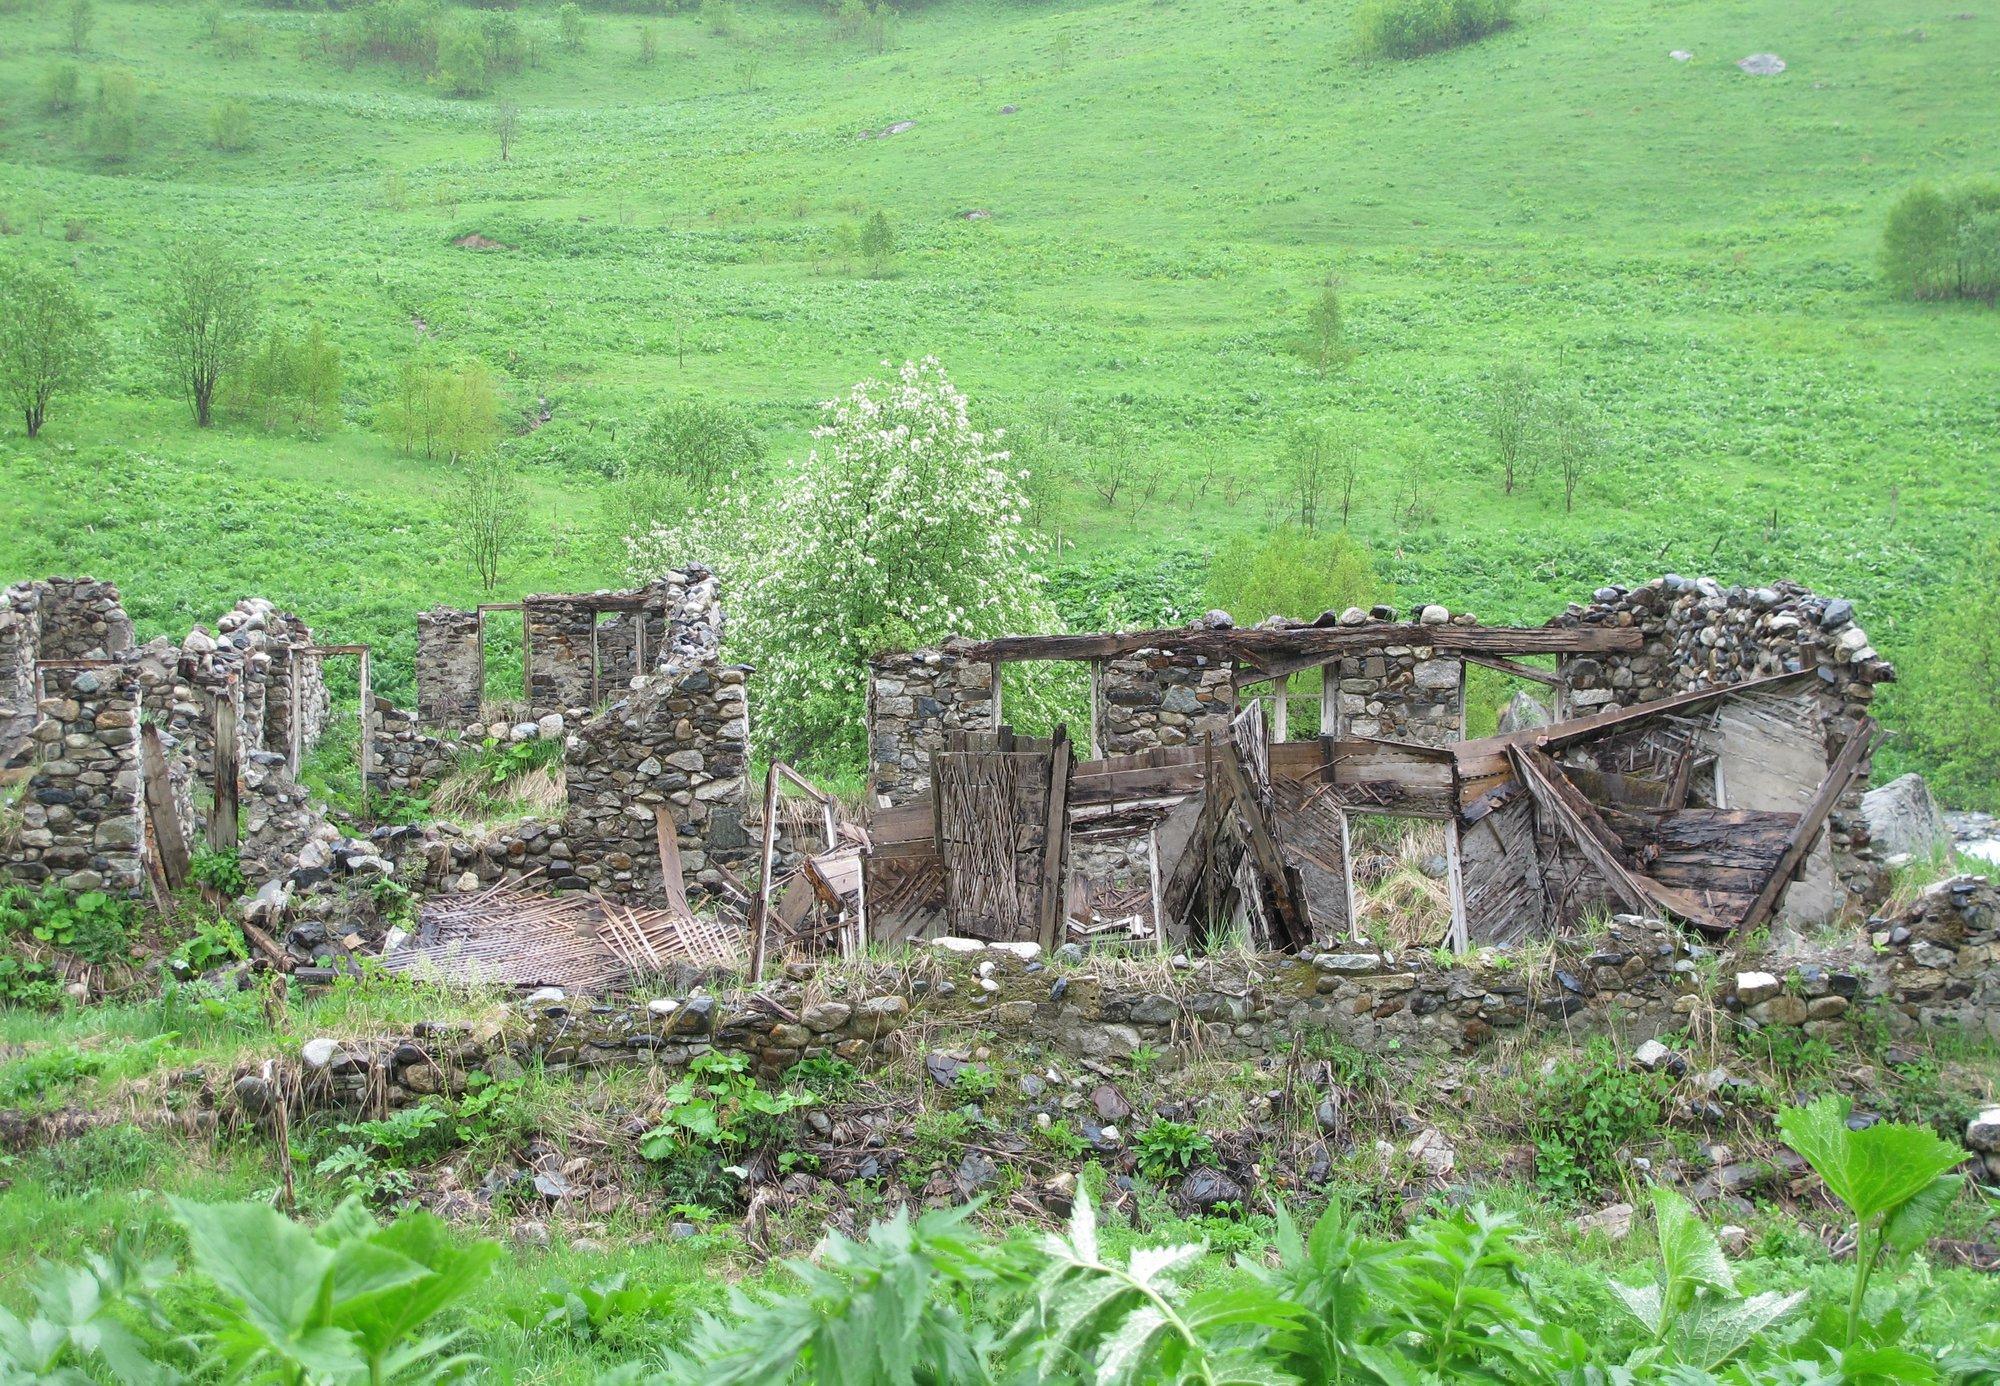 rozpadlé domy někde cestou necestou